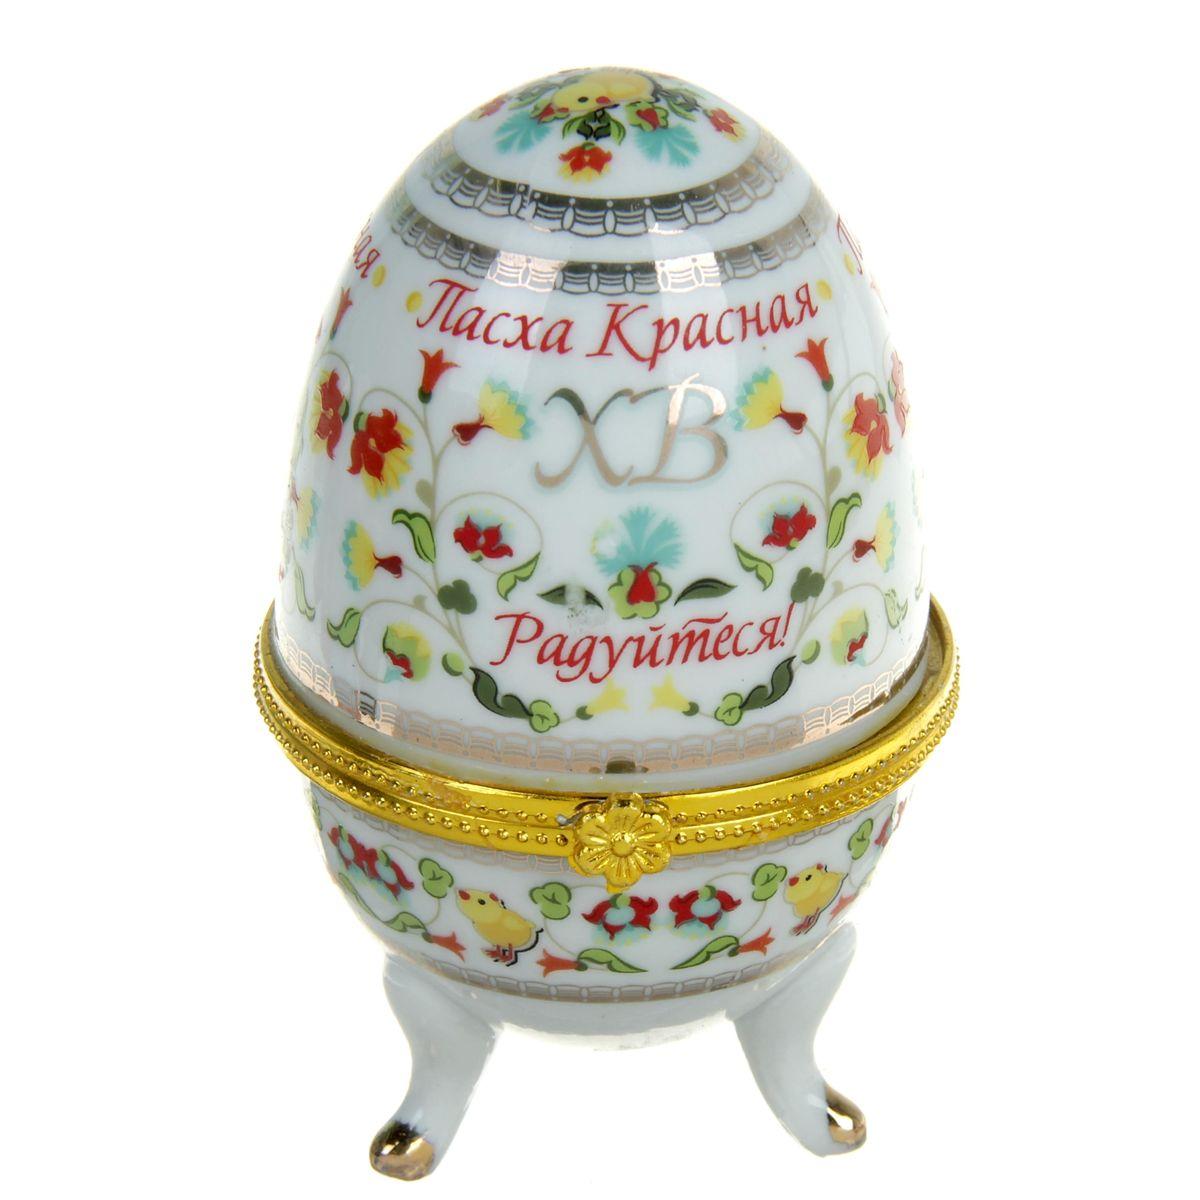 Яйцо-шкатулка Sima-land Цветочный, высота 10 см12723Яйцо-шкатулка Sima-land Цветочный представляет собой изделие, изготовленное из белоснежной прочной керамики и оформленное красочным цветочным изображением. Изделие располагается на изящных ножках. Яйцо-шкатулка Sima-land Цветочный порадует своим великолепием и функциональными особенностями. Это не только символичный, но и очень полезный подарок на светлый праздник Пасхи. Диаметр яйца-шкатулки: 6 см. Высота яйца-шкатулки: 10 см.